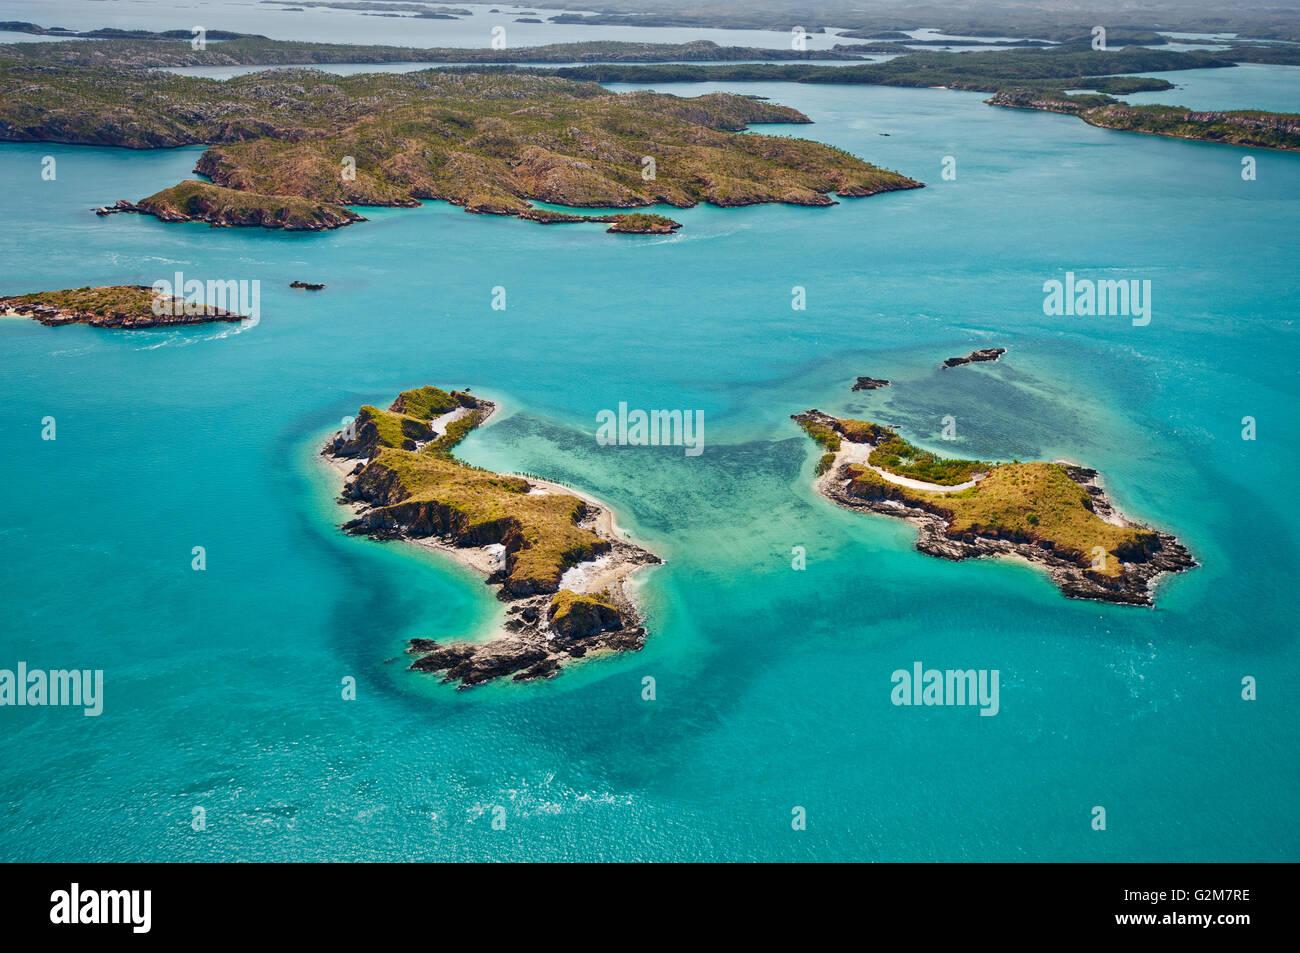 Packer Islands in Buccaneer Archipelago. - Stock Image